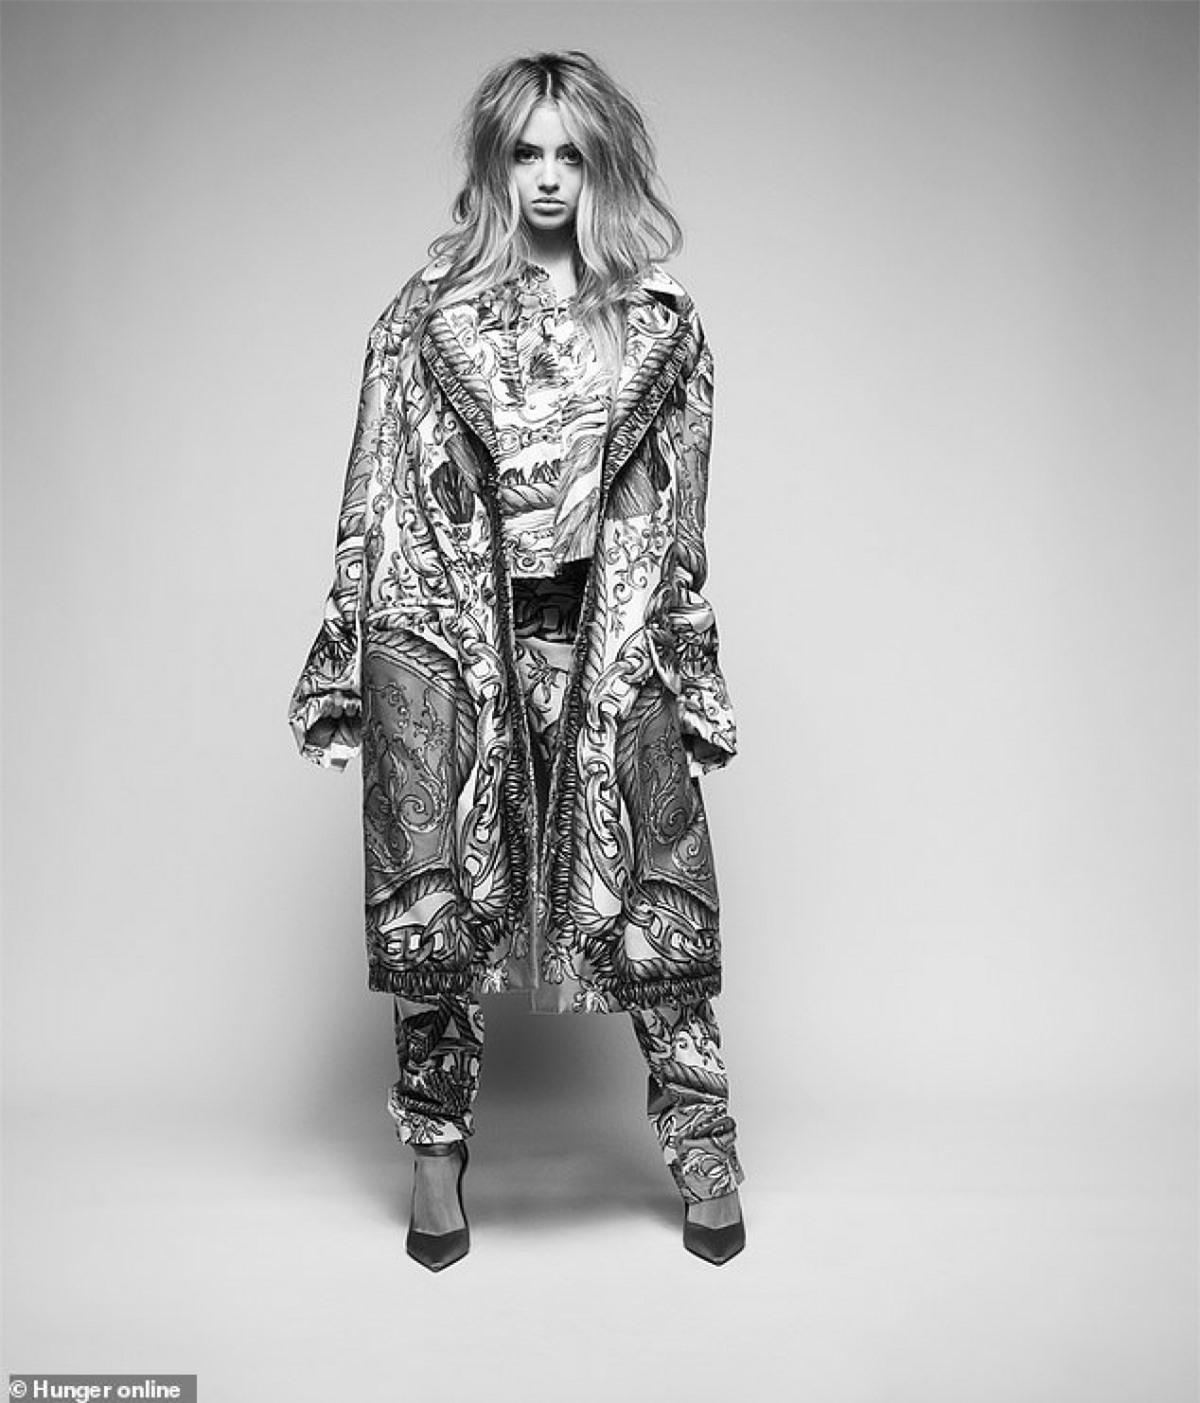 Leni Klum cao 1m70, được cho là thừa hưởng dáng vóc mảnh mai và nhiều nét đẹp từ người mẹ nổi tiếng của mình.